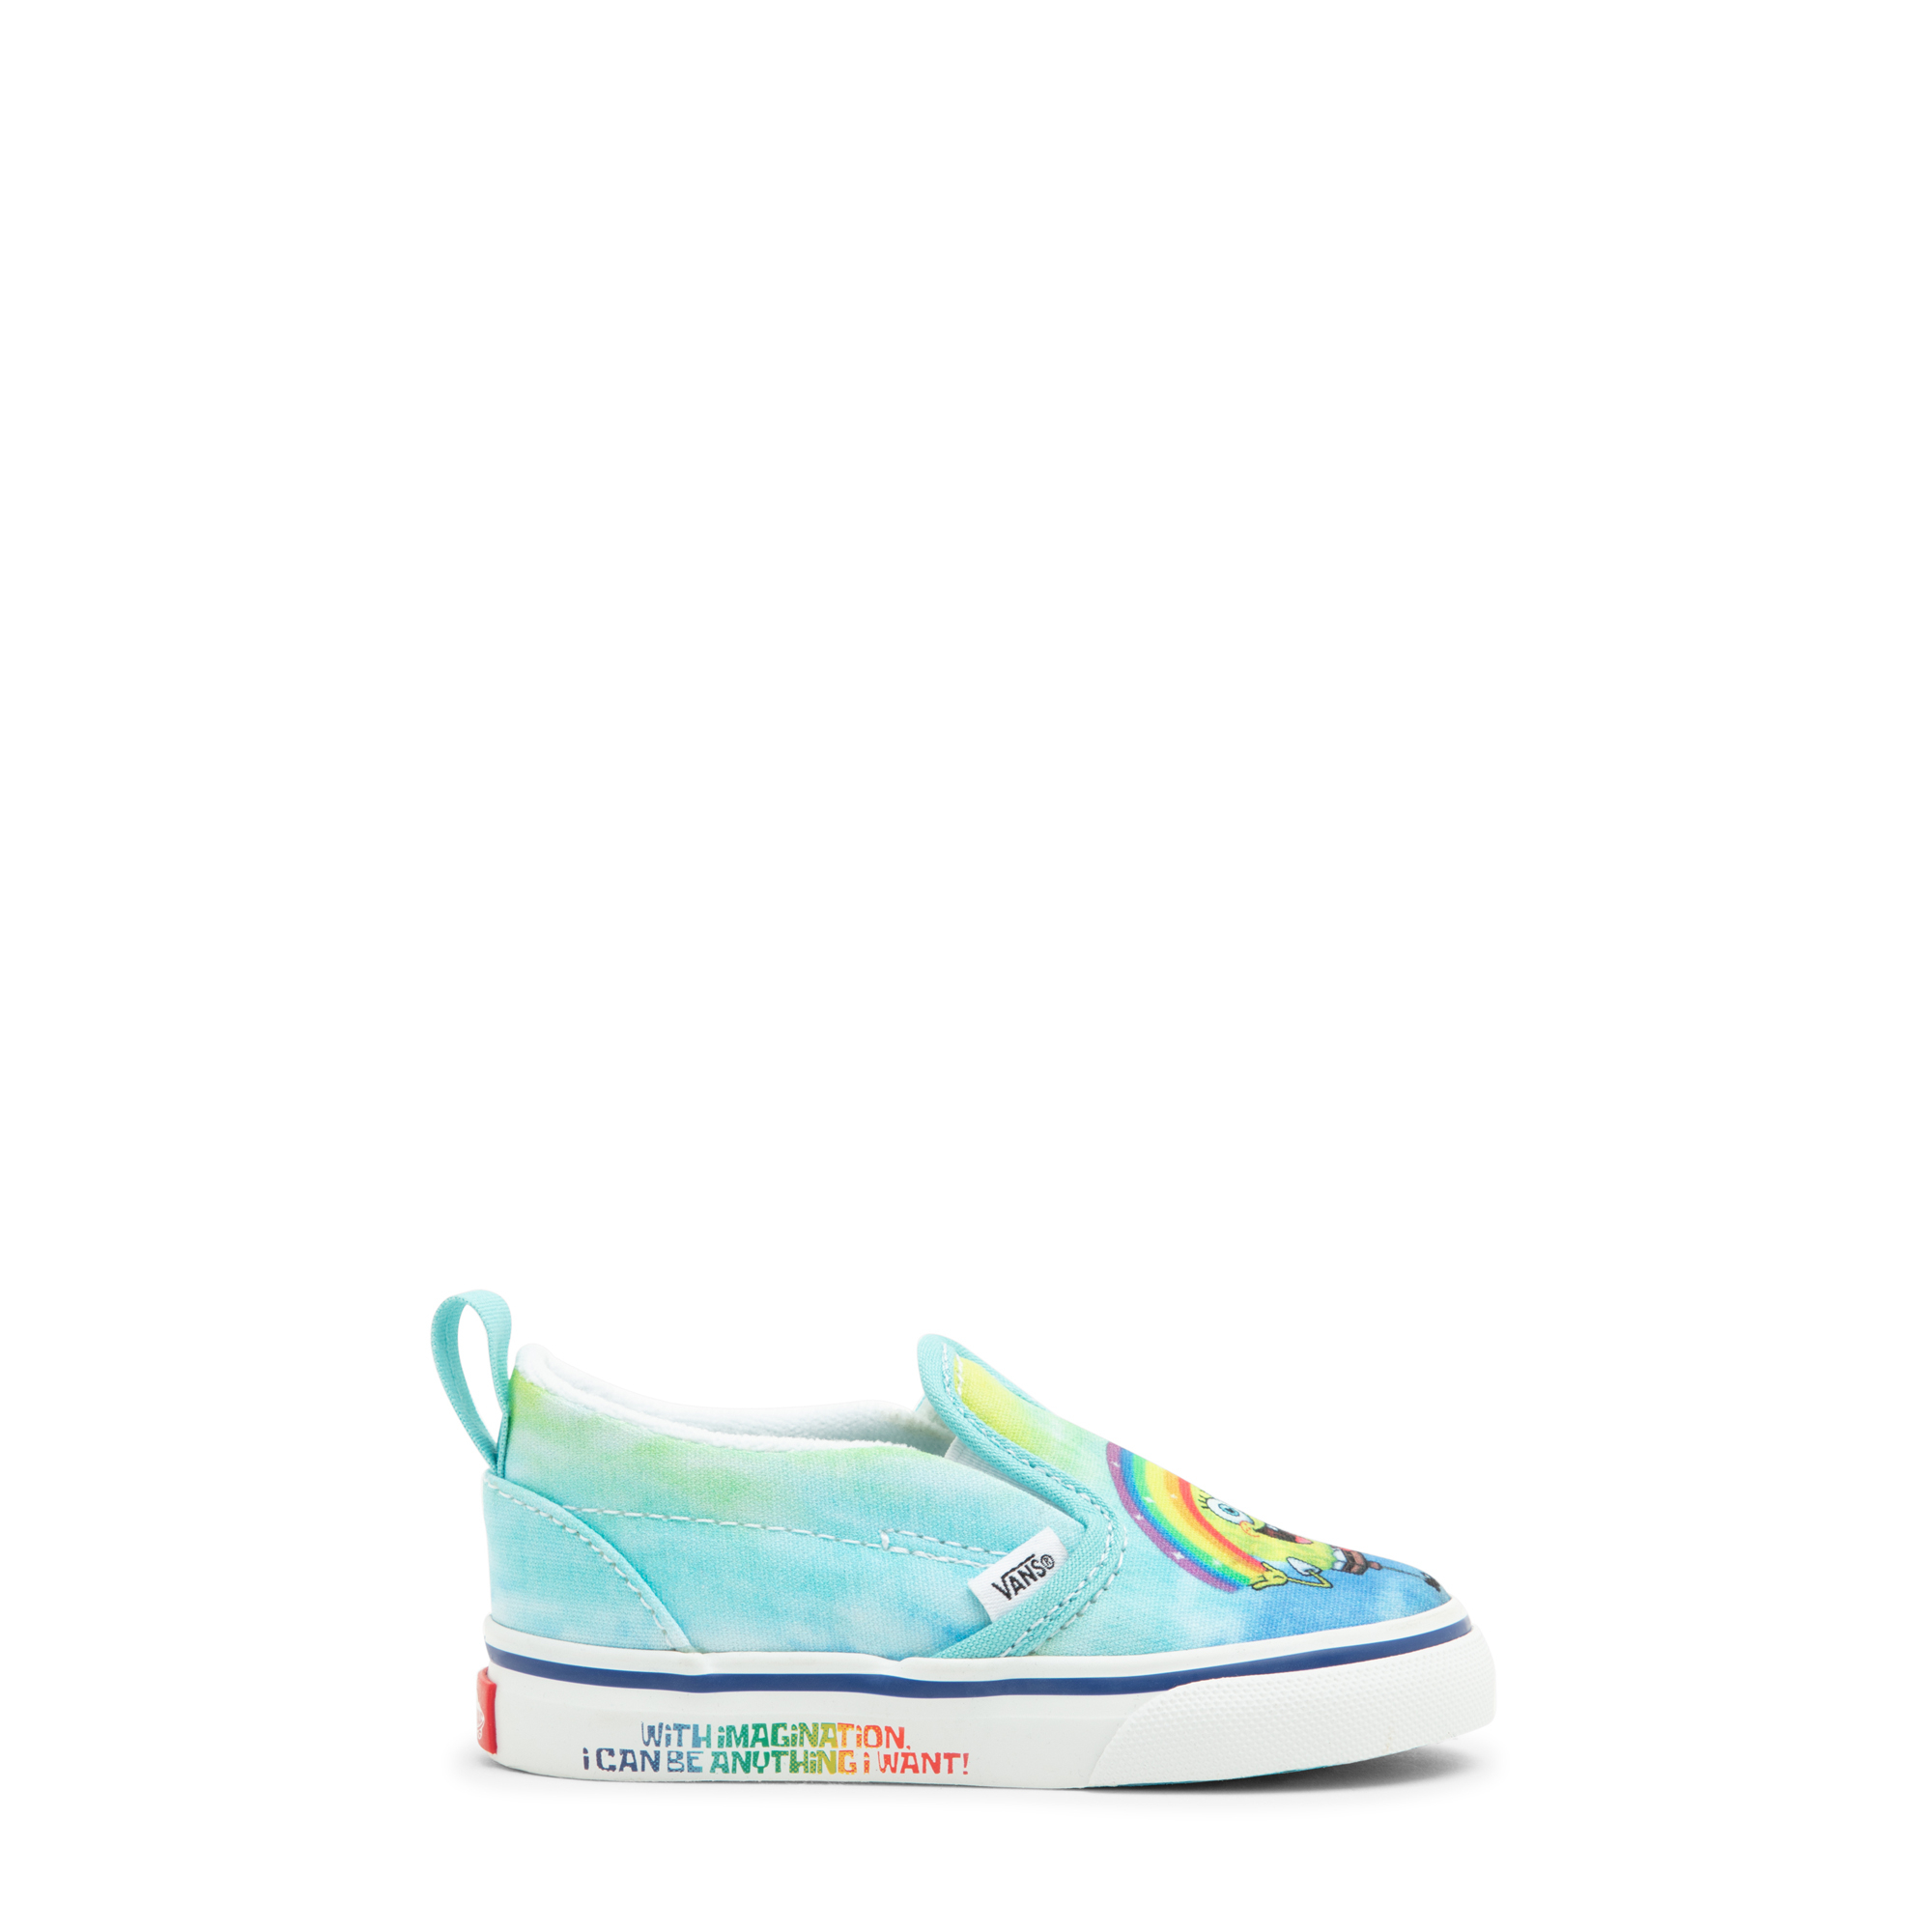 الحذاء الرياضي الكلاسيكي بدون أربطة × سبونج بوب